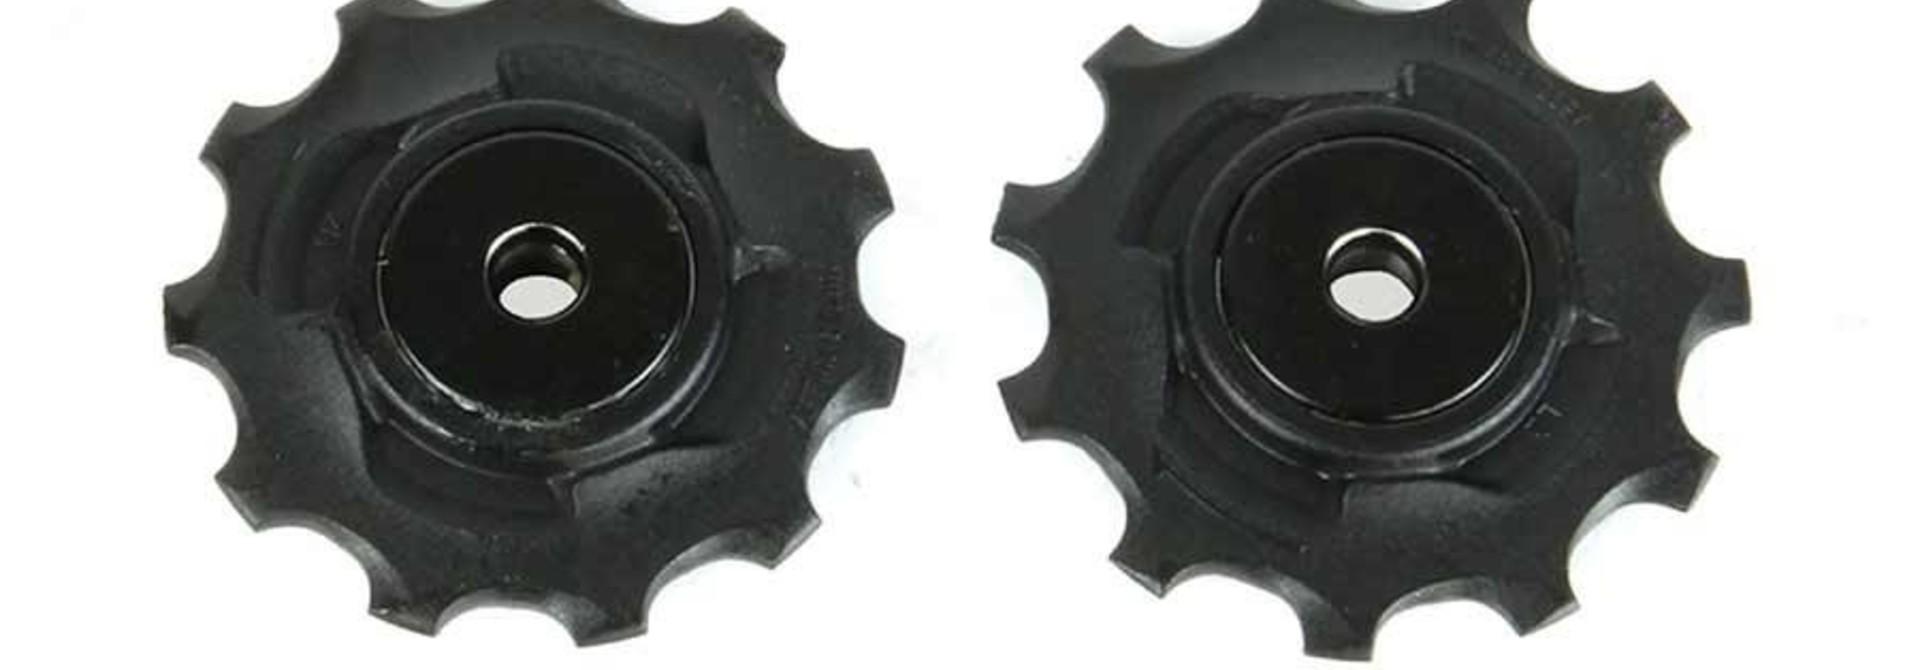 Sram, X9/X7 Type 2, Derailleur pulleys